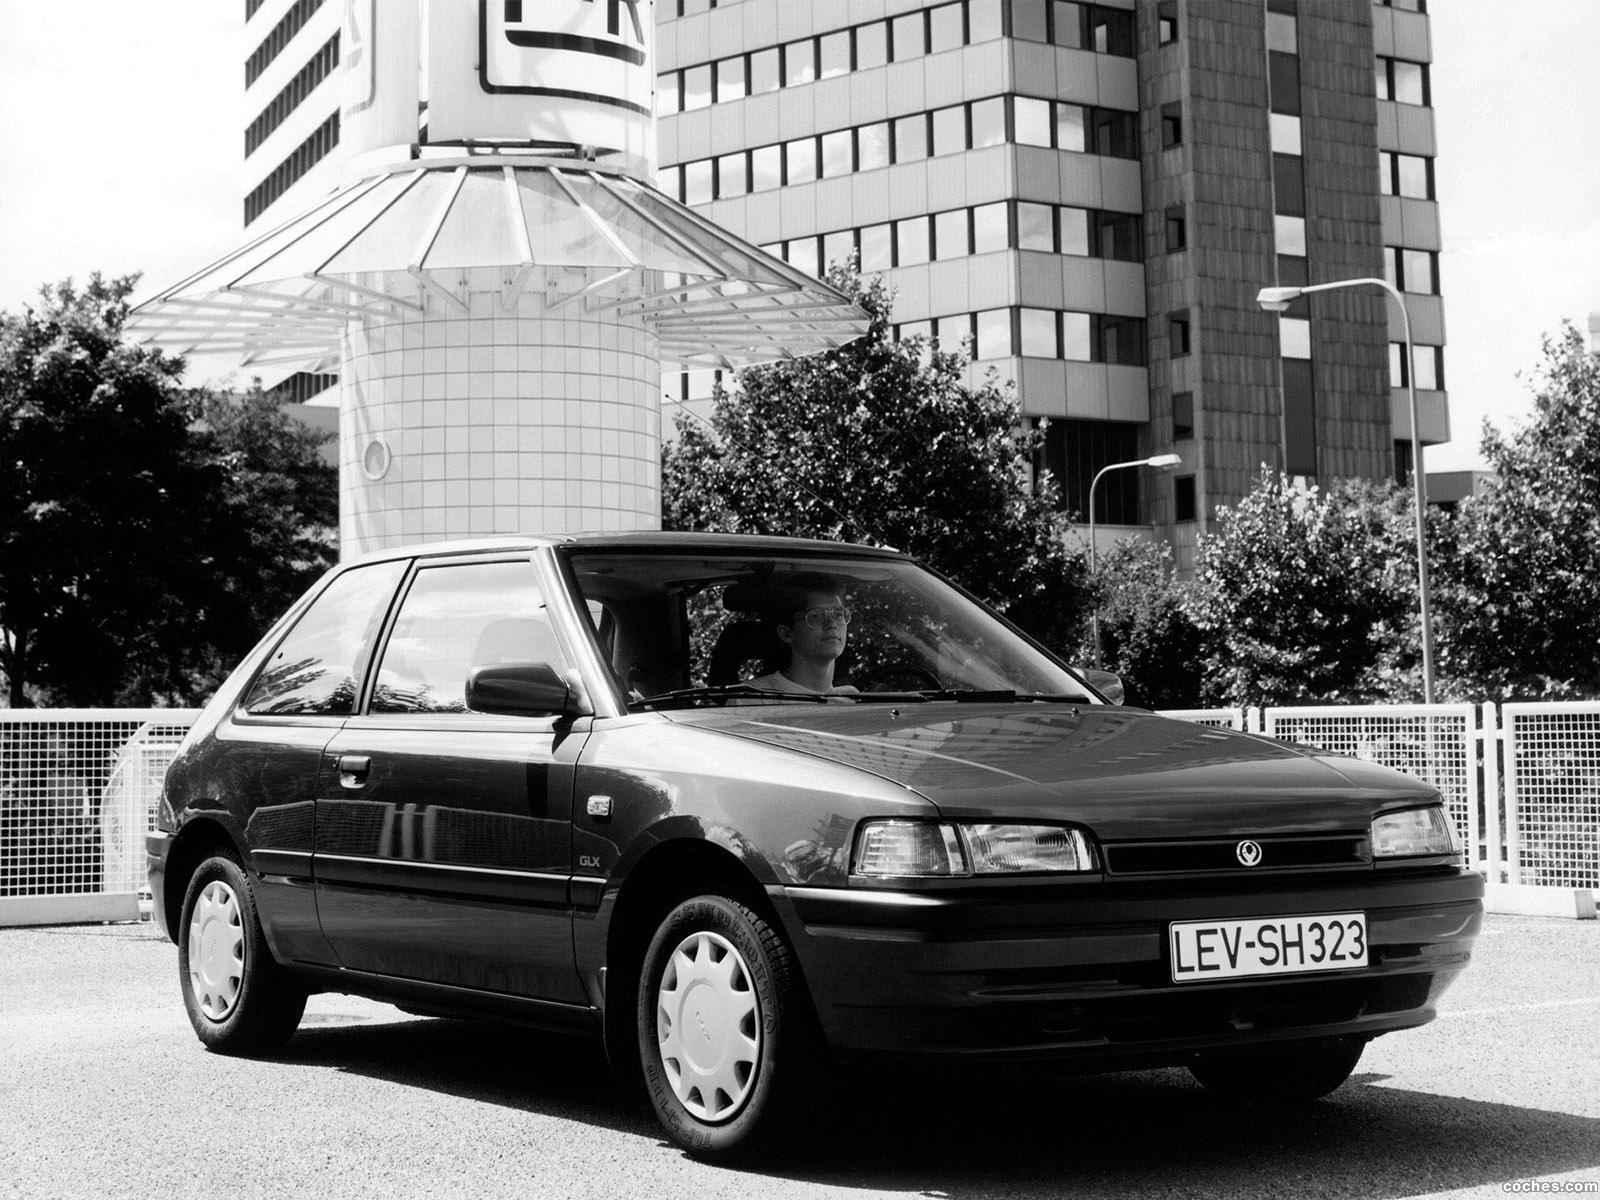 Foto 0 de Mazda 323 3 puertas BG 1989